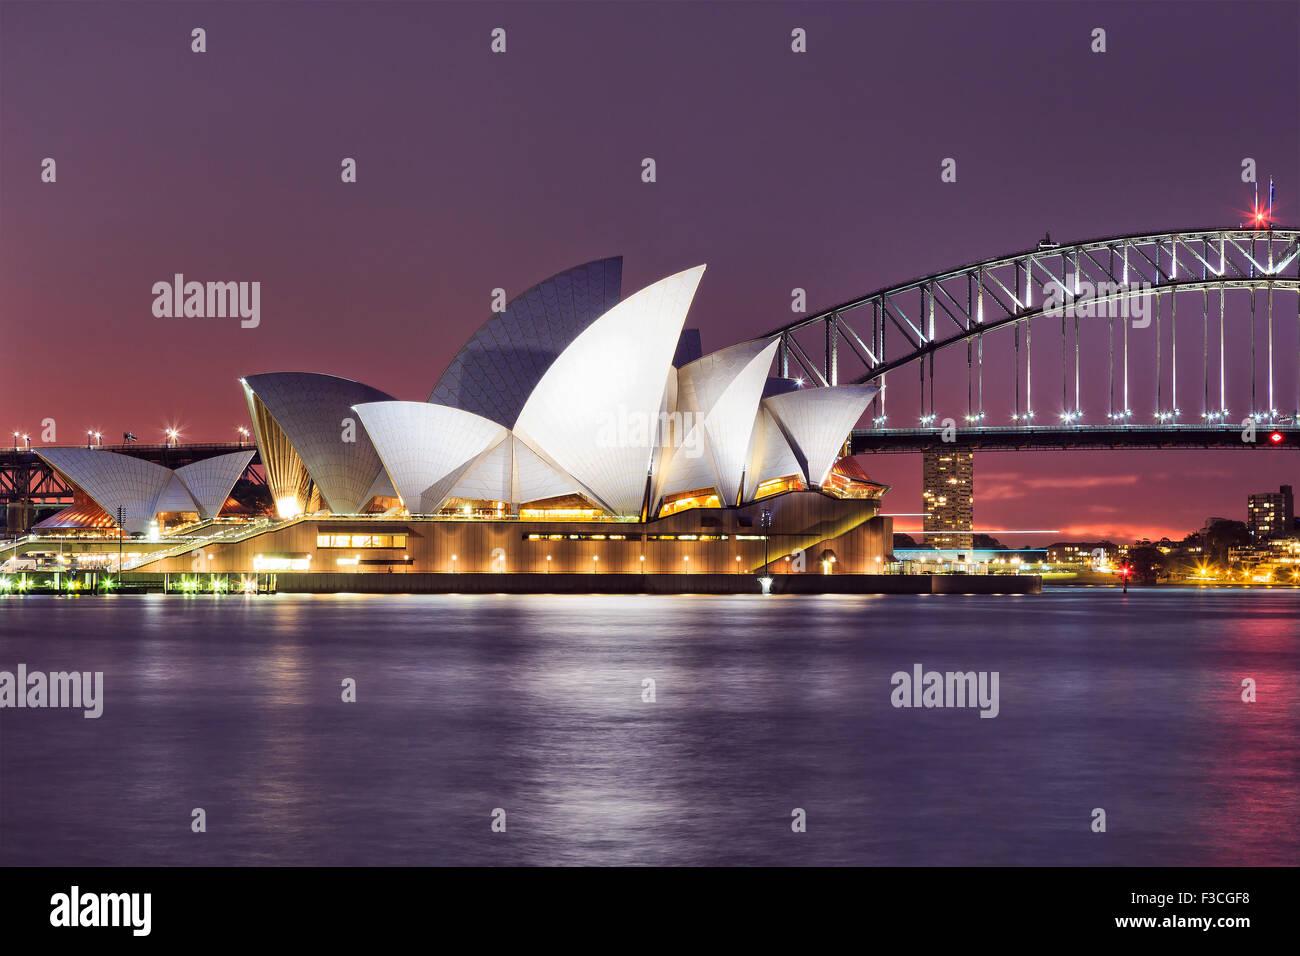 SYDNEY, Australia, el 10 de julio de 2015 - Sydney Opera House y el puente Harbour de Sydney al atardecer. Mundo icónico y famosos Foto de stock